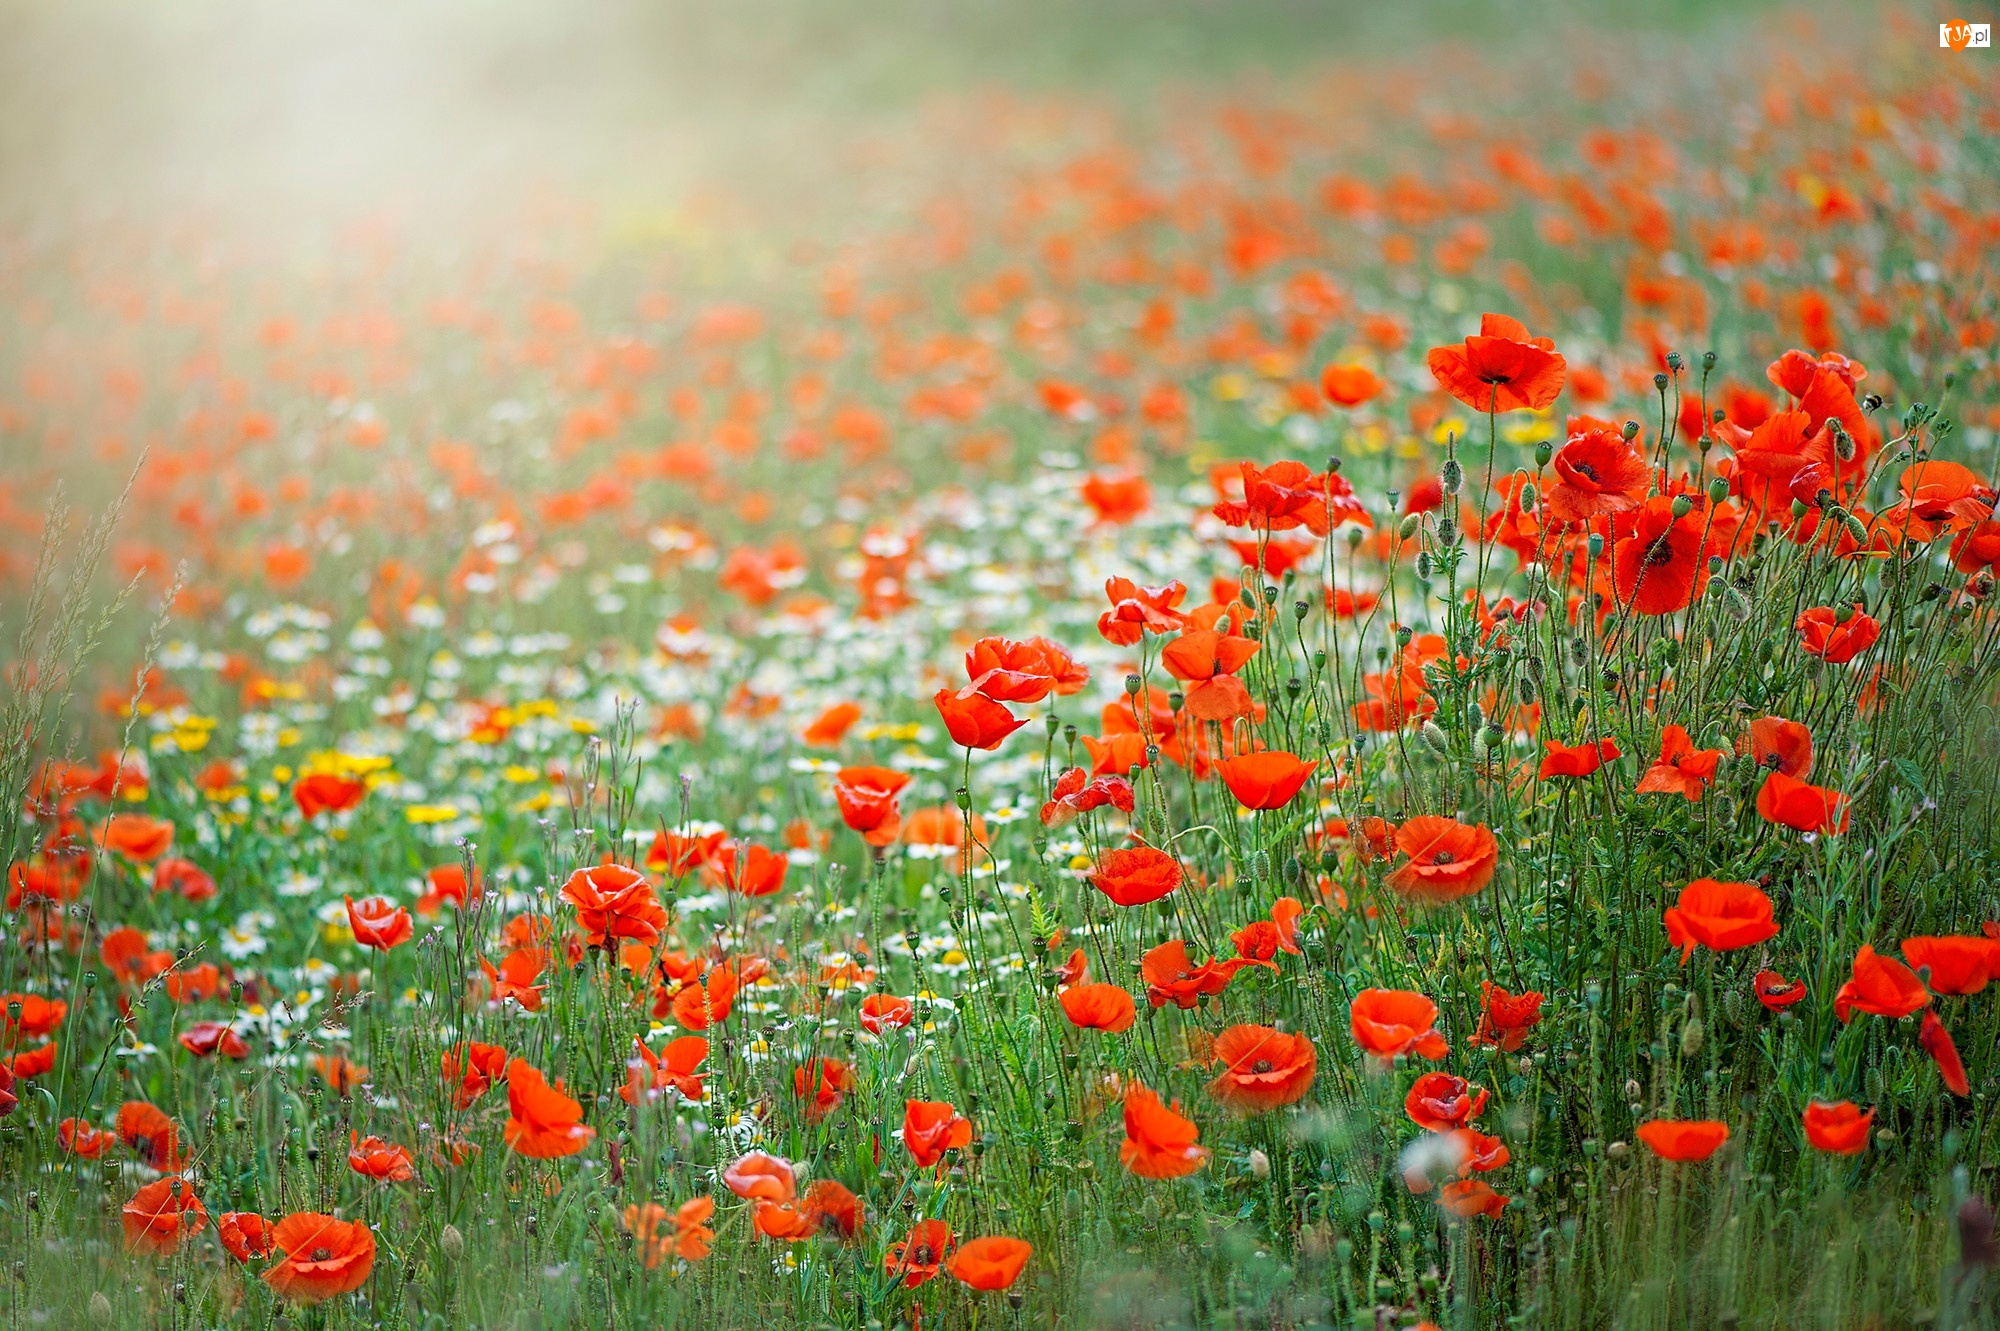 Łąka, Kwiaty, Czerwone, Maki